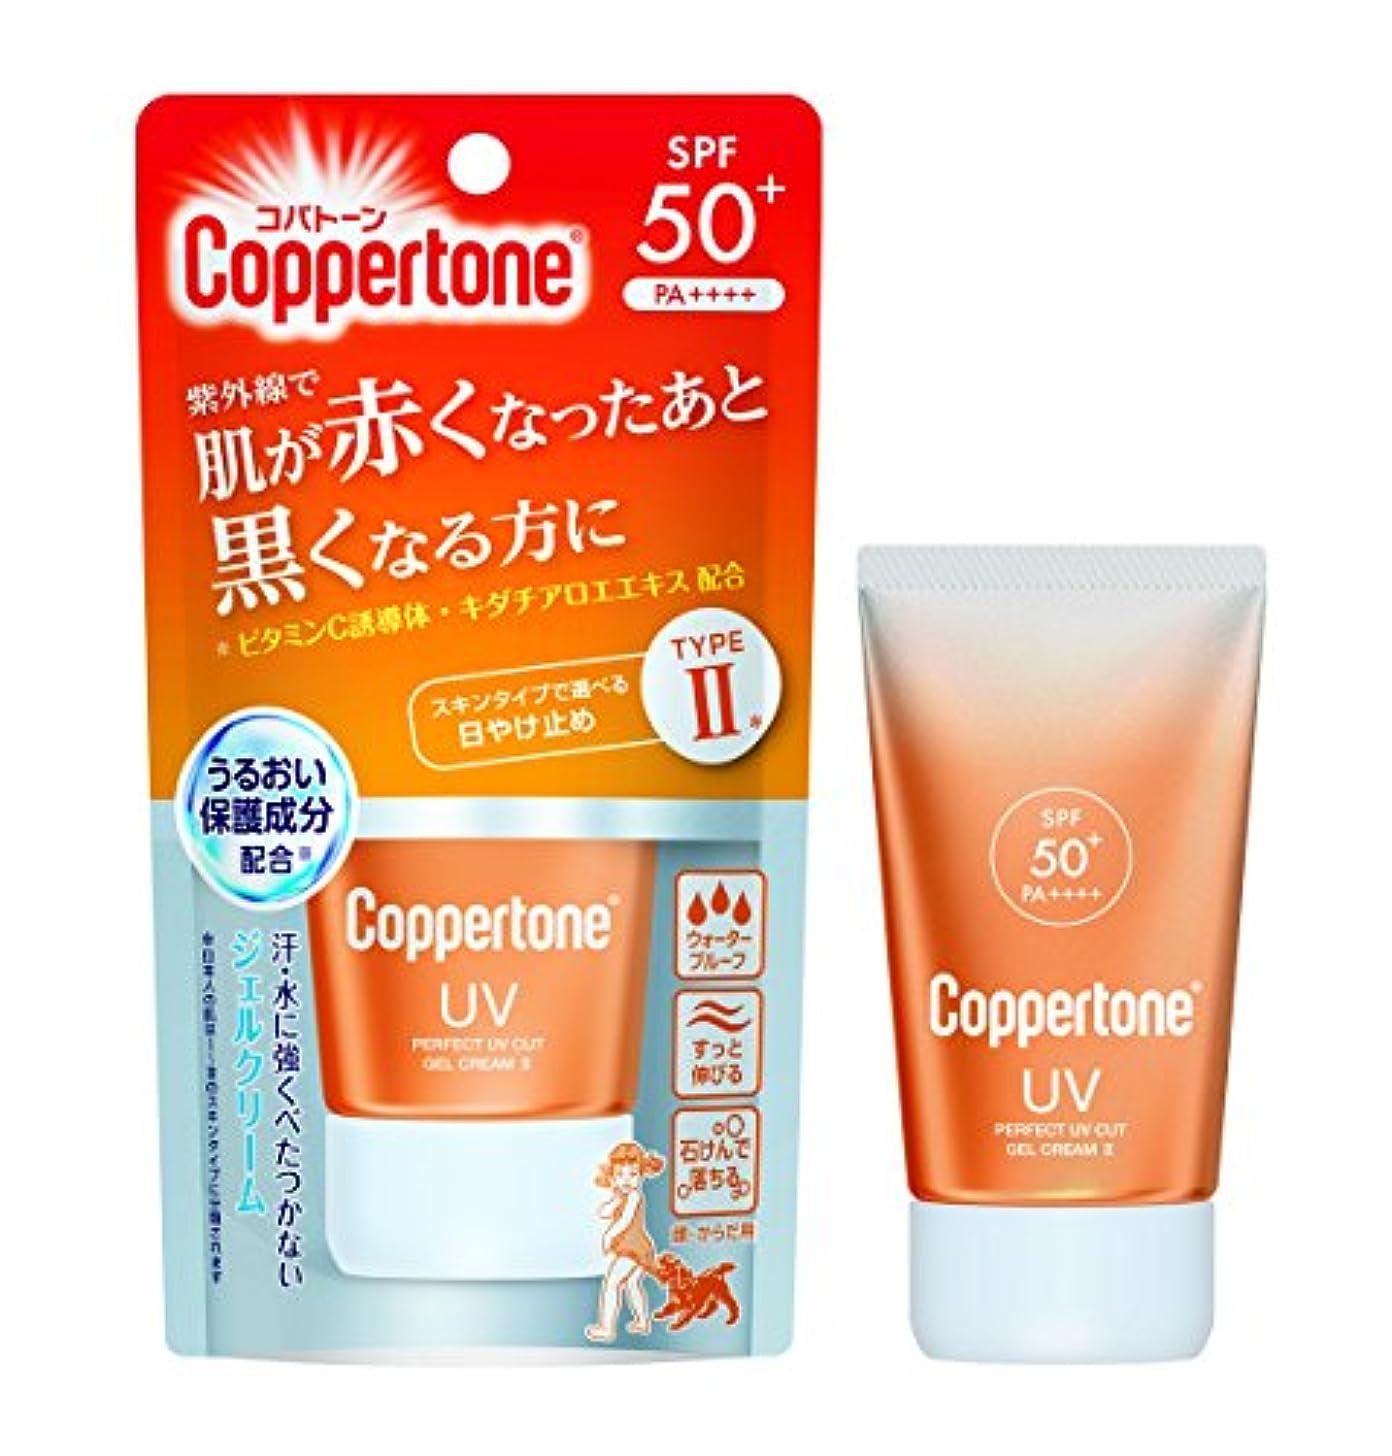 価格コールド表示大正製薬 コパトーン パーフェクトUVカットジェルクリームII